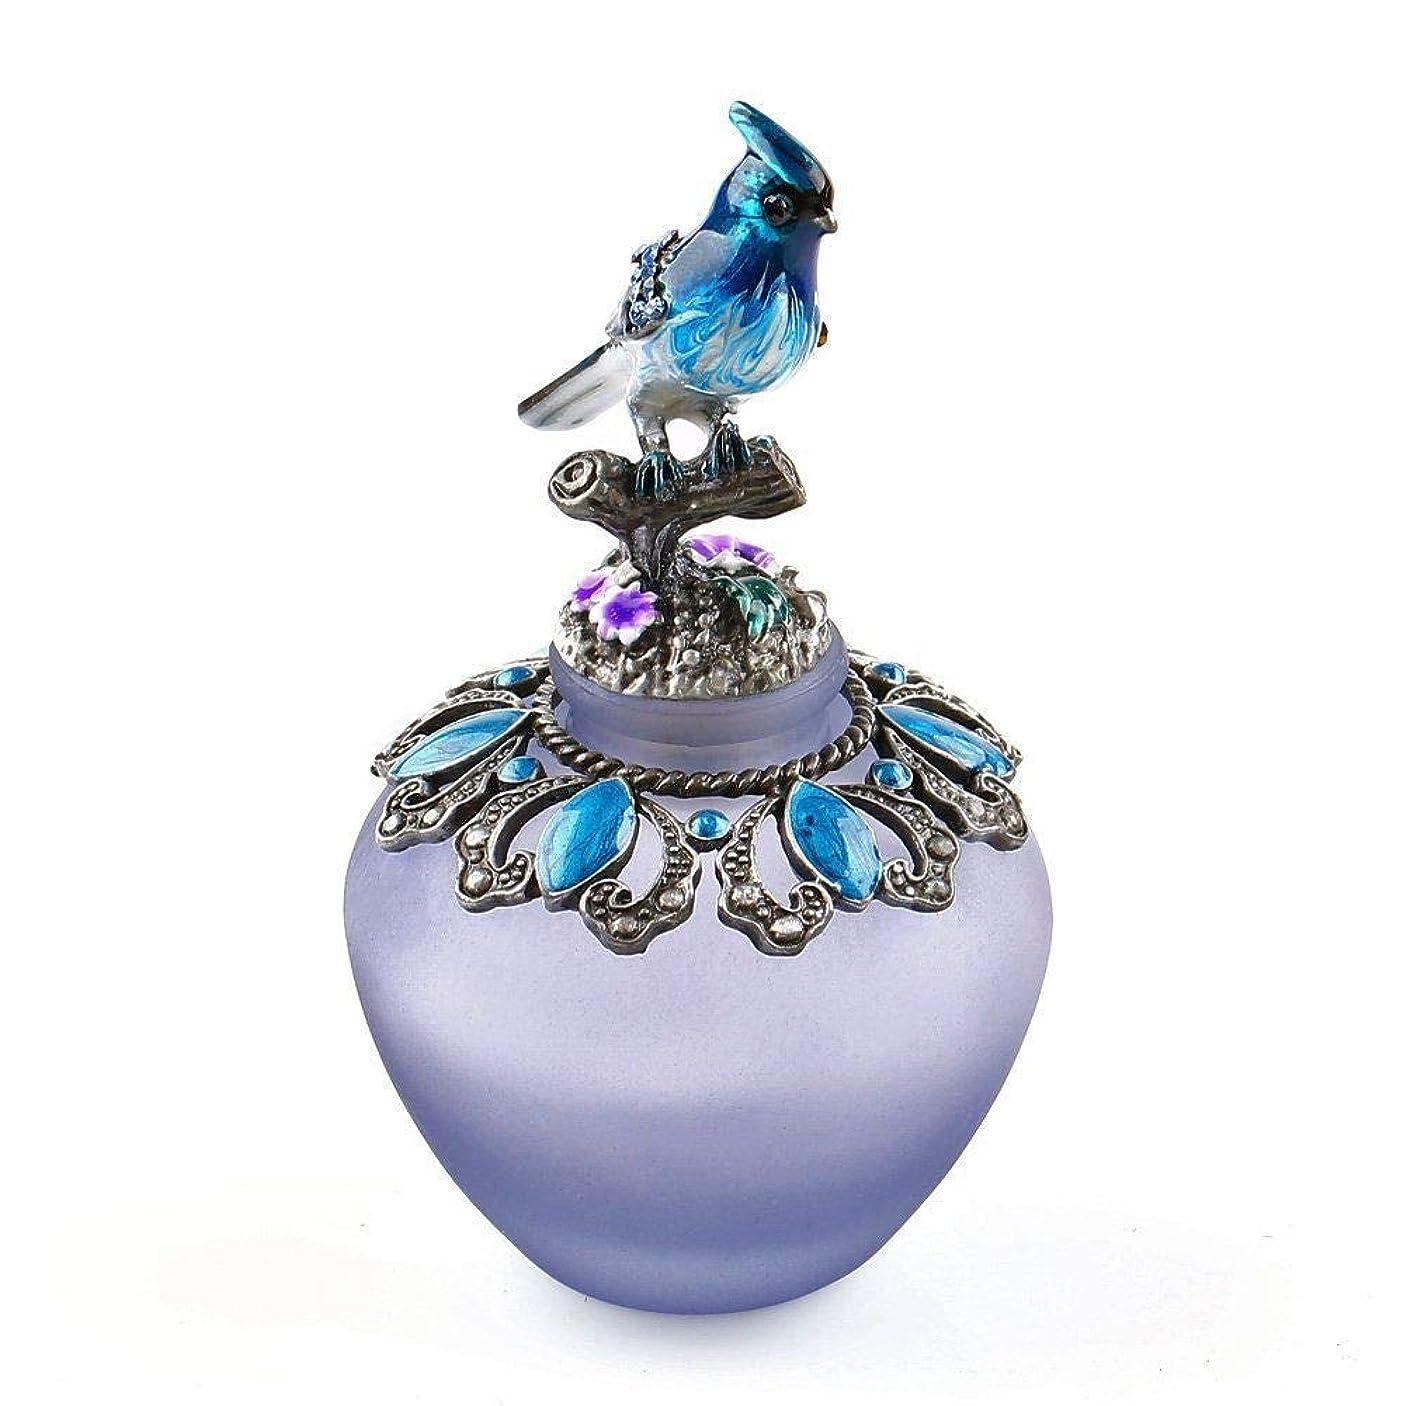 ベアリングリラックスした決定するEasyRaku 高品質 美しい香水瓶 鳥40ML ガラスアロマボトル 綺麗アンティーク調欧風デザイン クリスマスプレゼント 結婚式 飾り